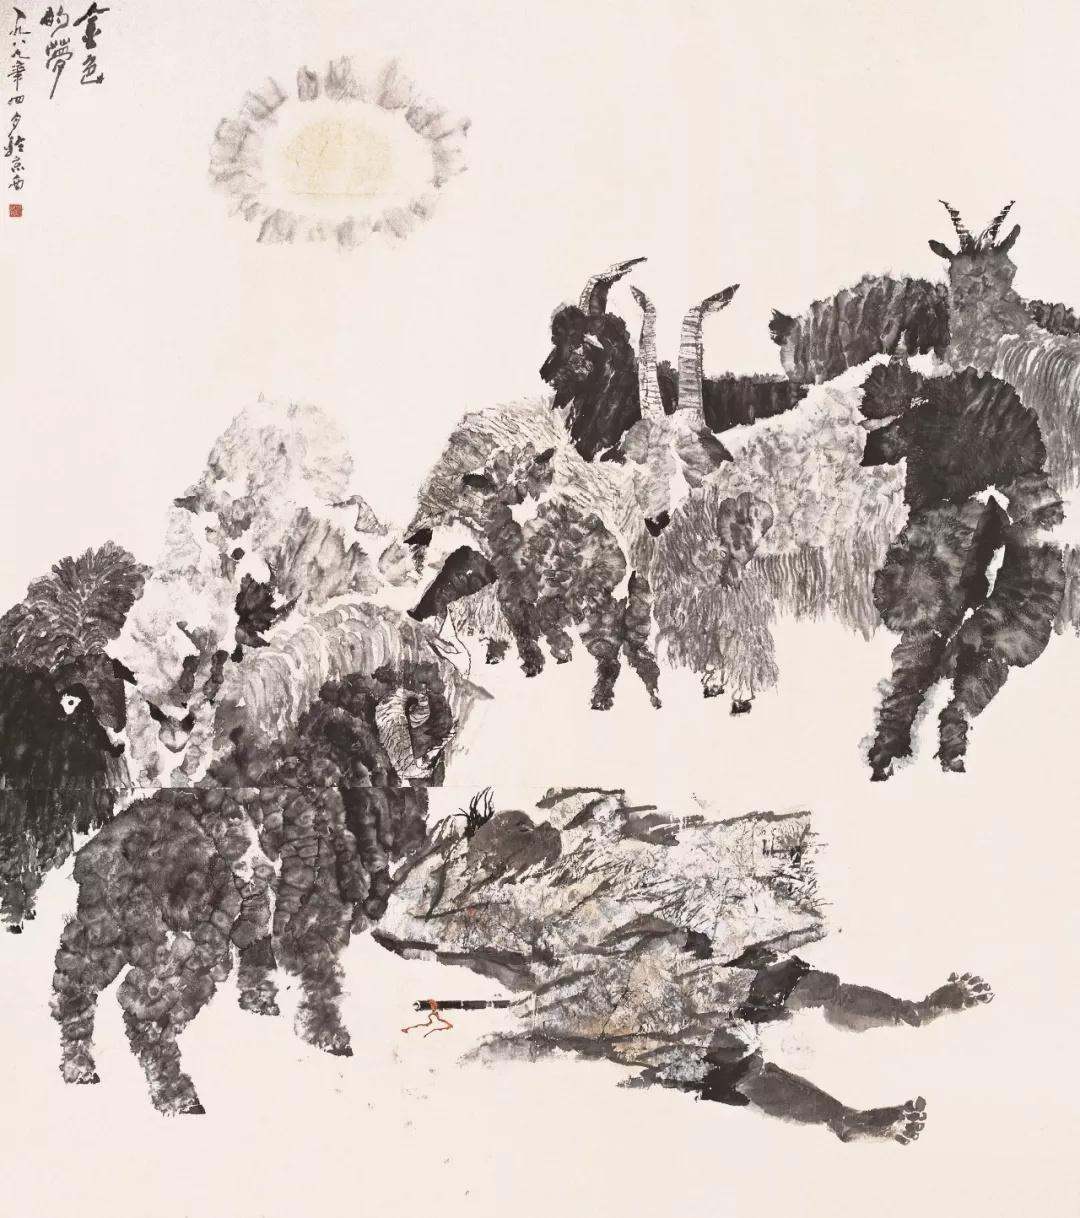 王迎春  金色的梦  230×200cm  1980年  中国画